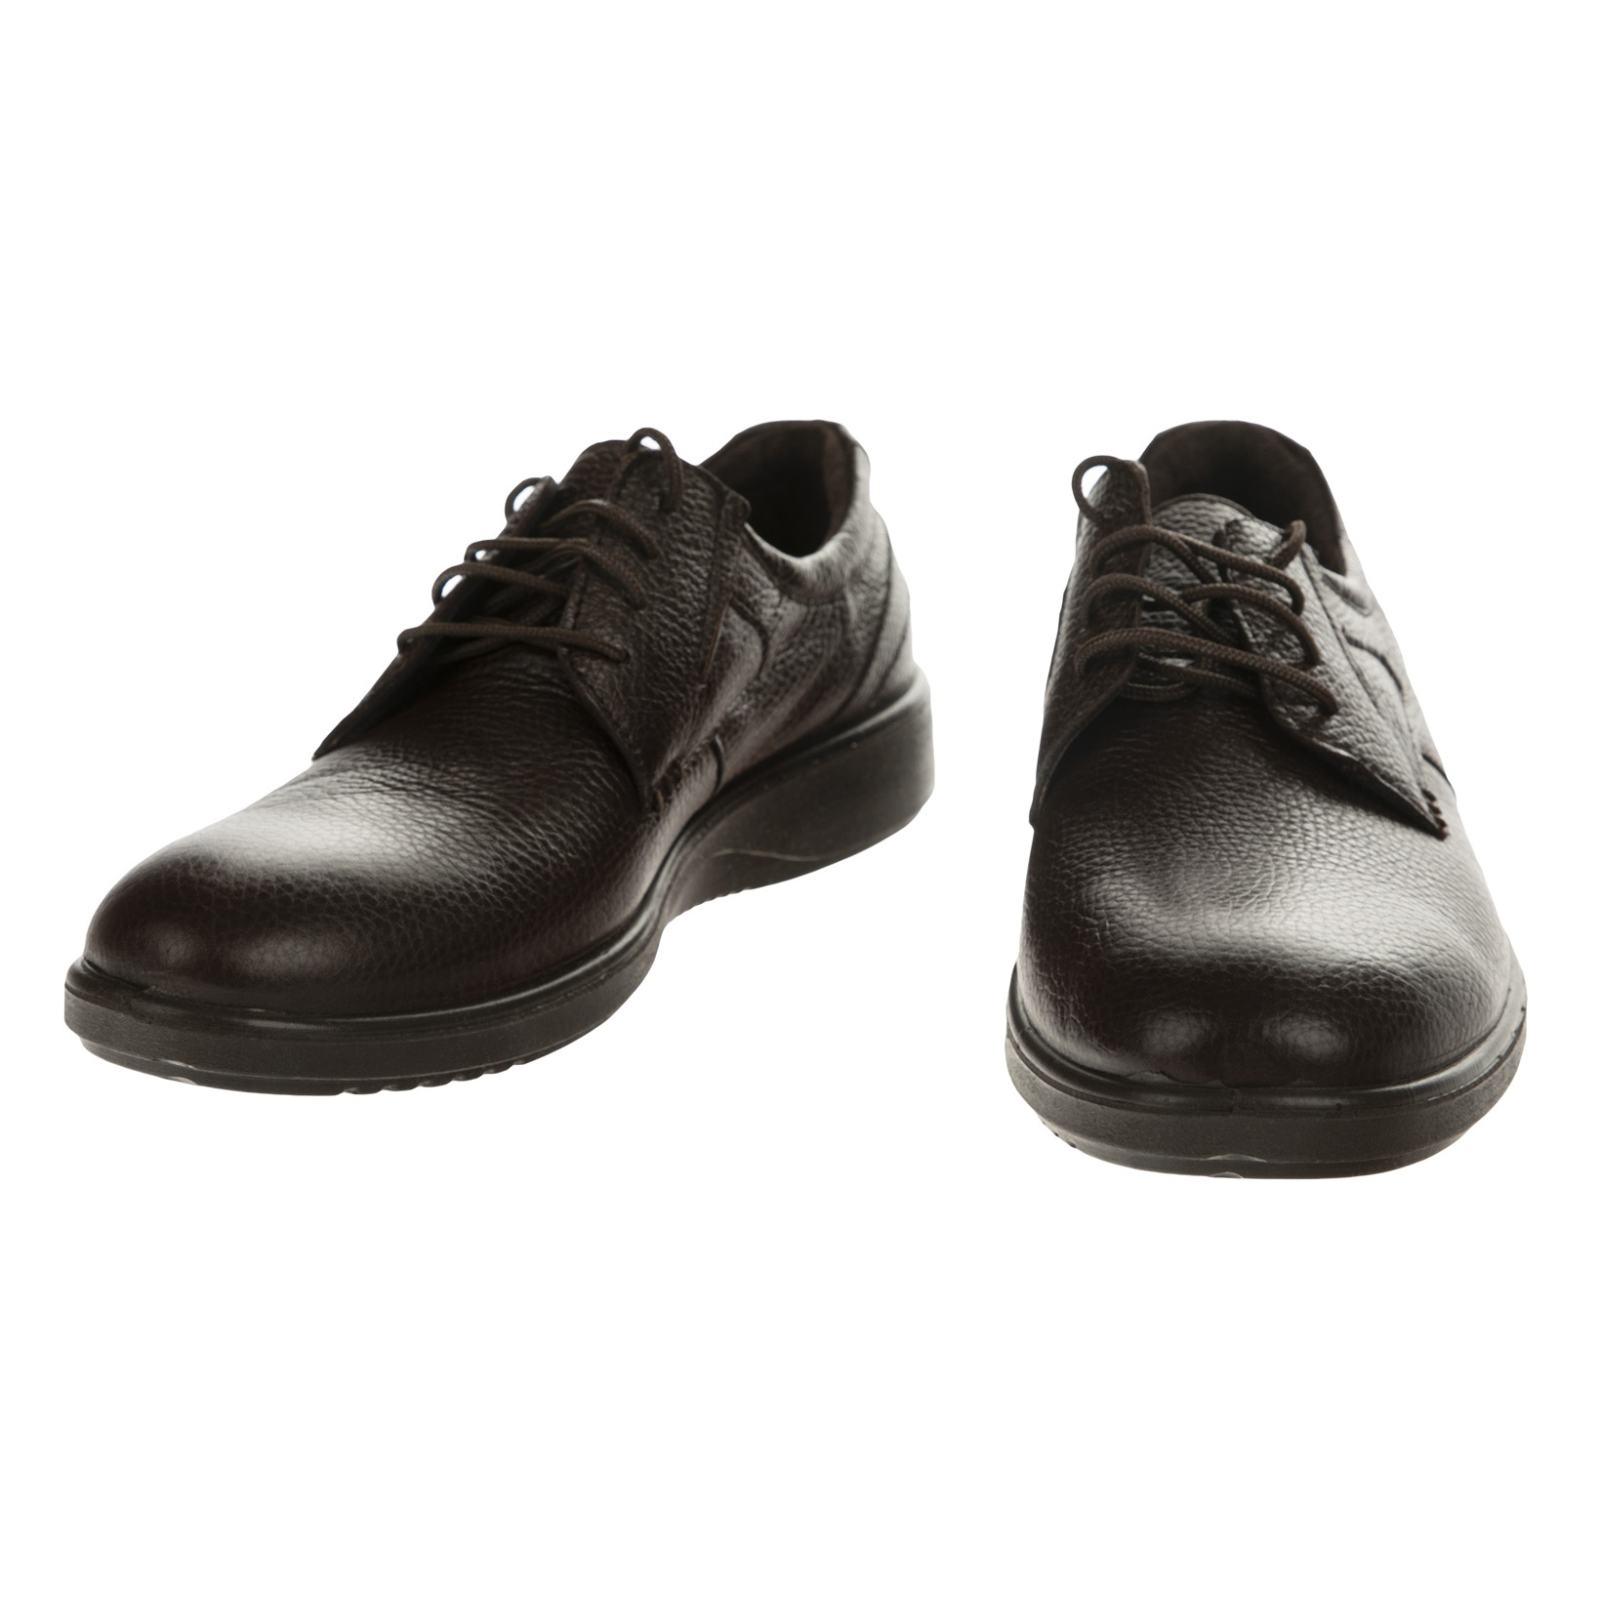 کفش روزمره مردانه شیفر مدل 7216B-104 -  - 7